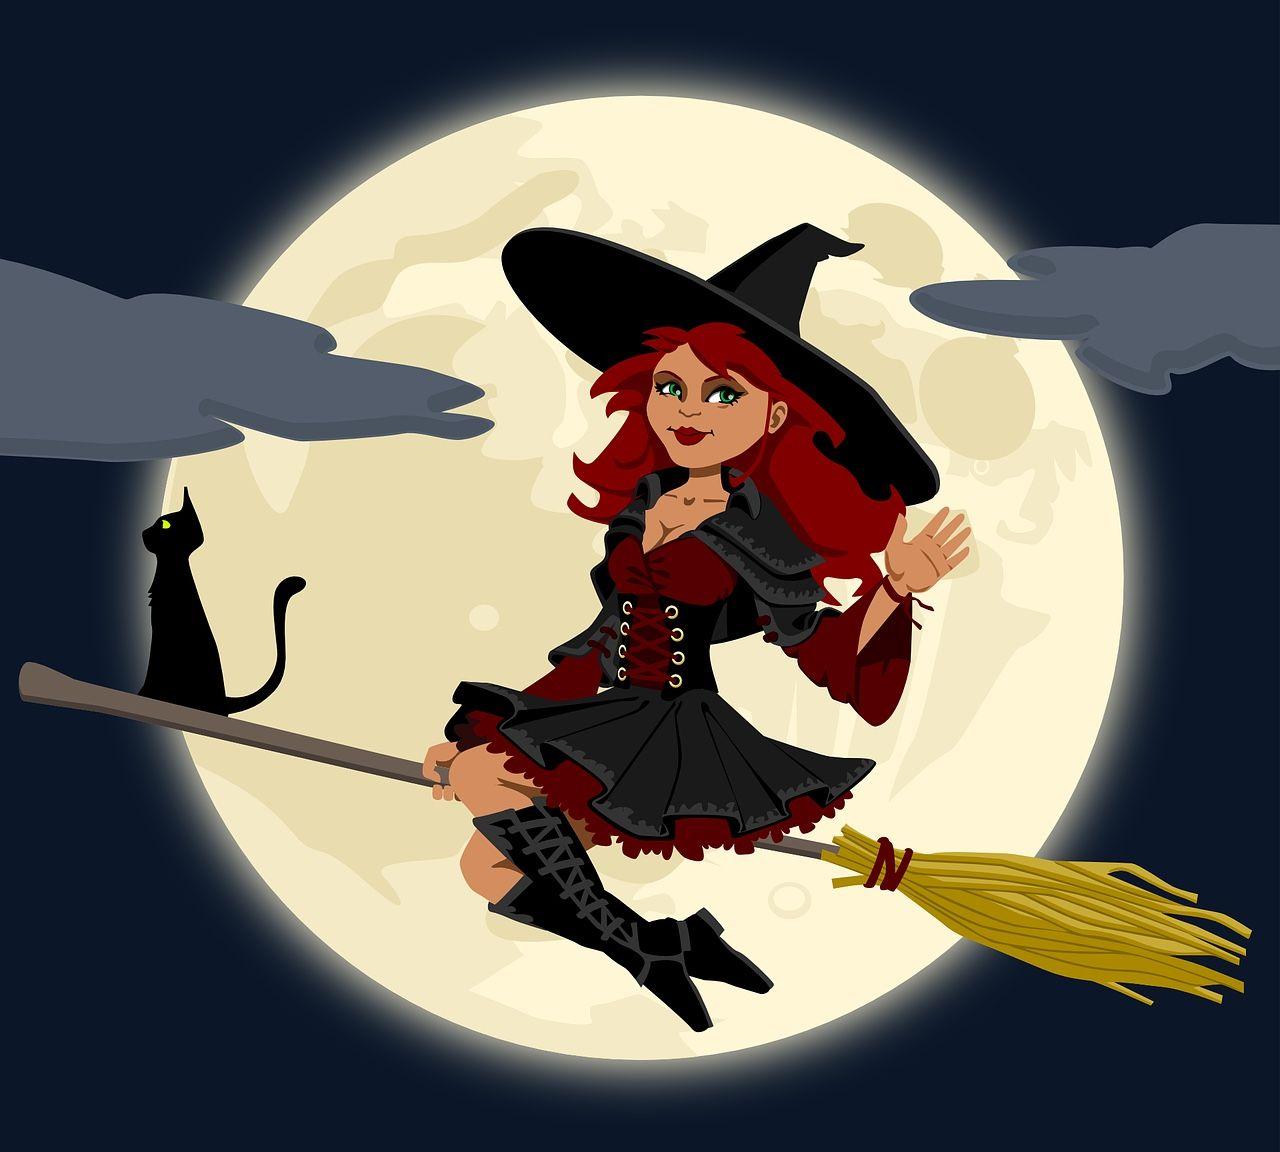 Pin By Babka Jaga On Baba Jaga Halloween Witch Halloween Prints Cute Halloween